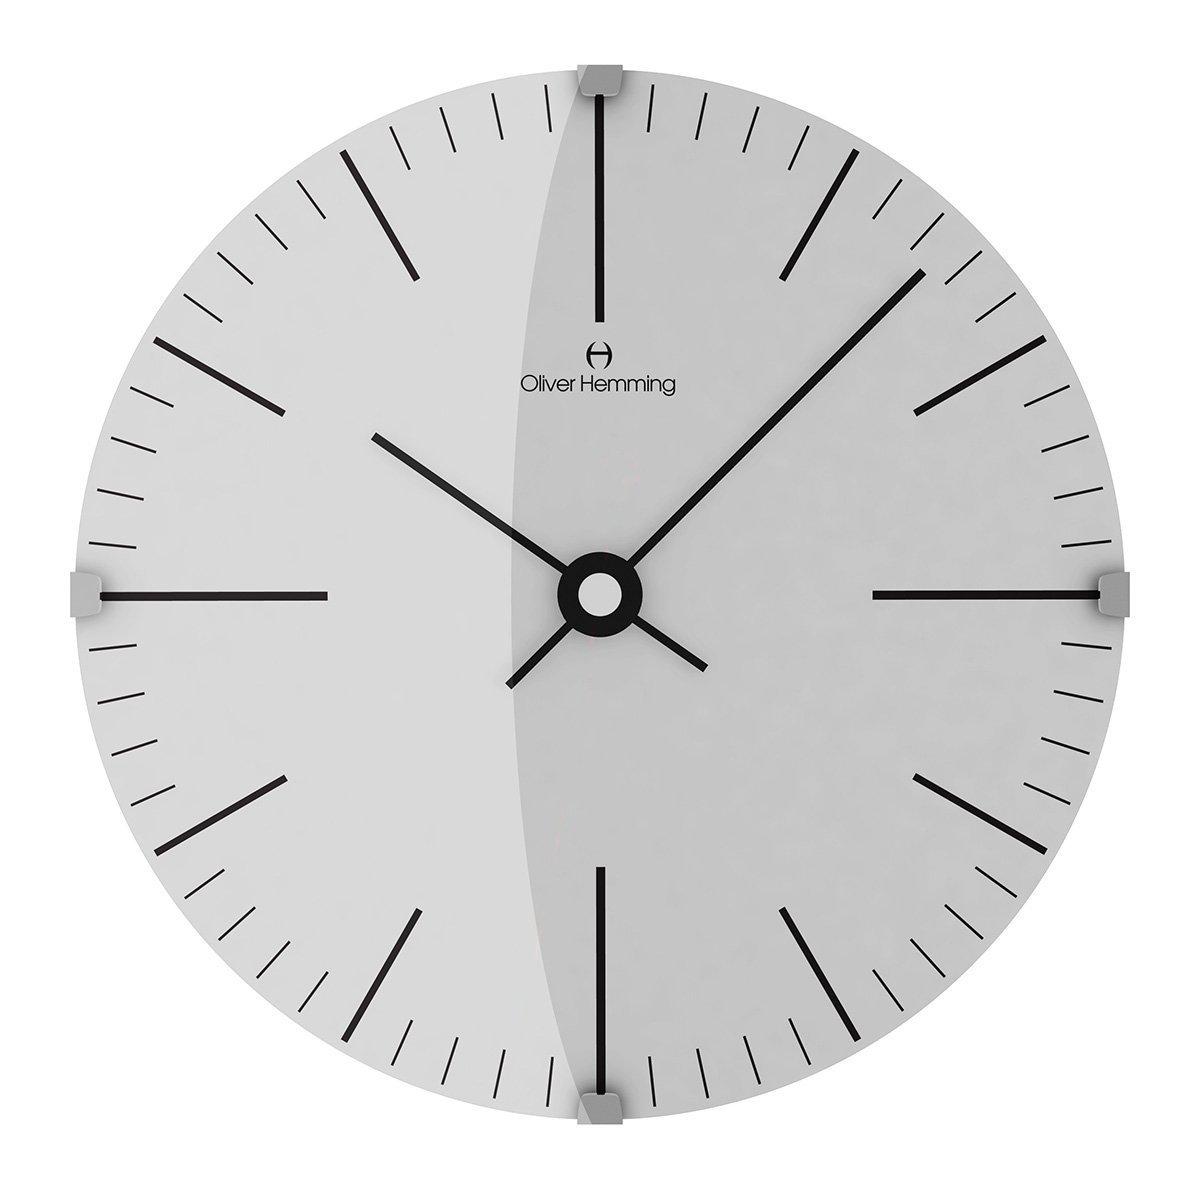 オリバーヘミング 壁掛け時計 イギリスブランド 300mm W300DG8WTB [正規輸入品] B079WV4Z5N